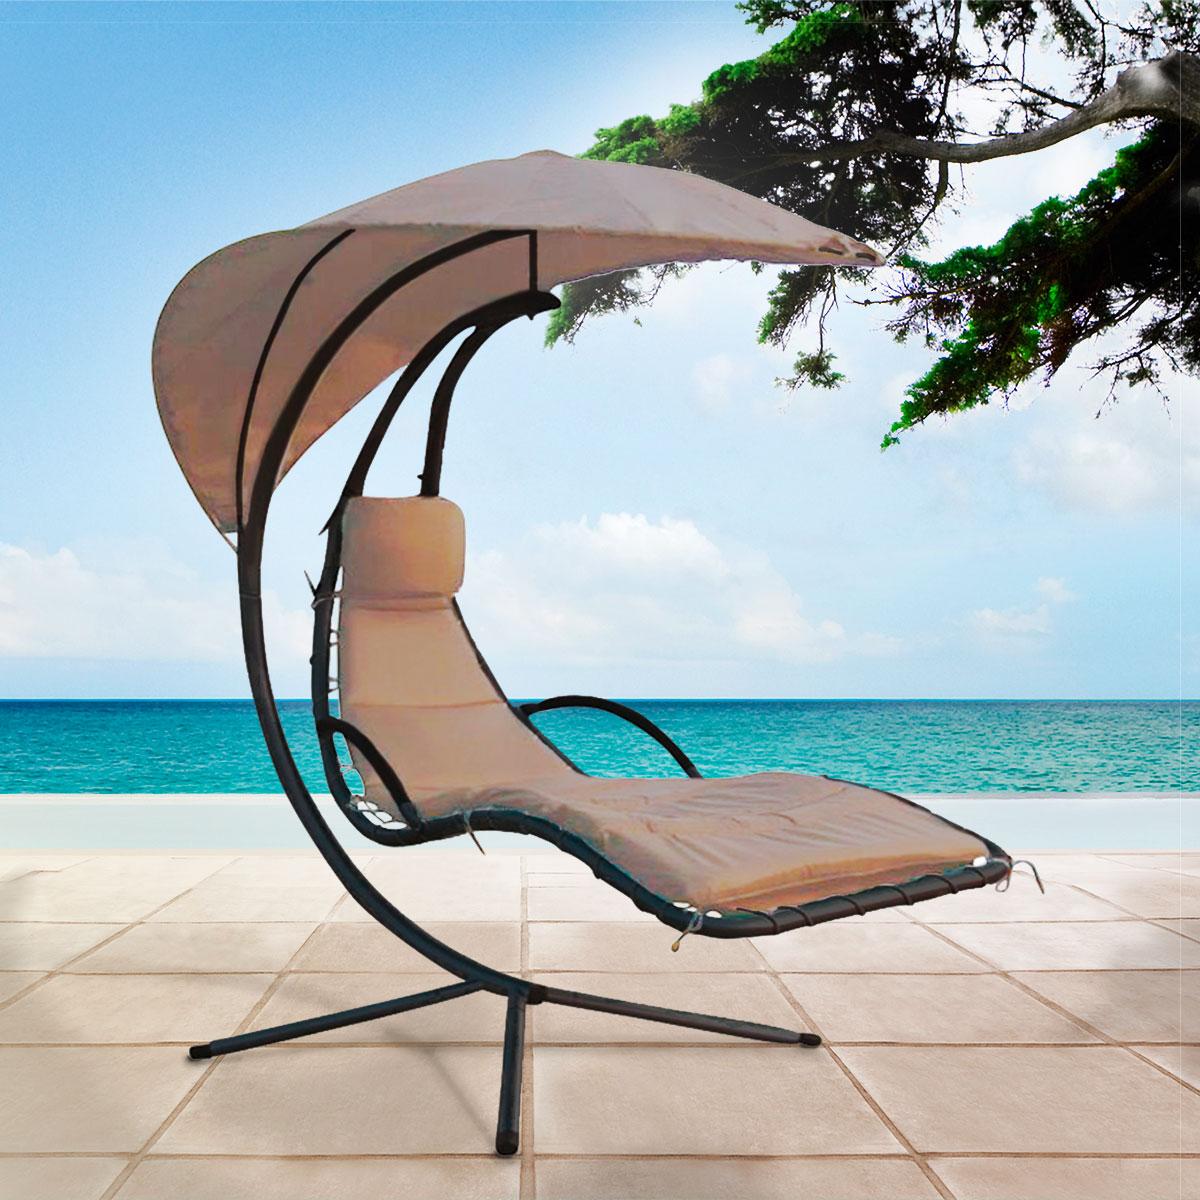 schwebeliege freischwingende h ngeliege g nstig kaufen. Black Bedroom Furniture Sets. Home Design Ideas